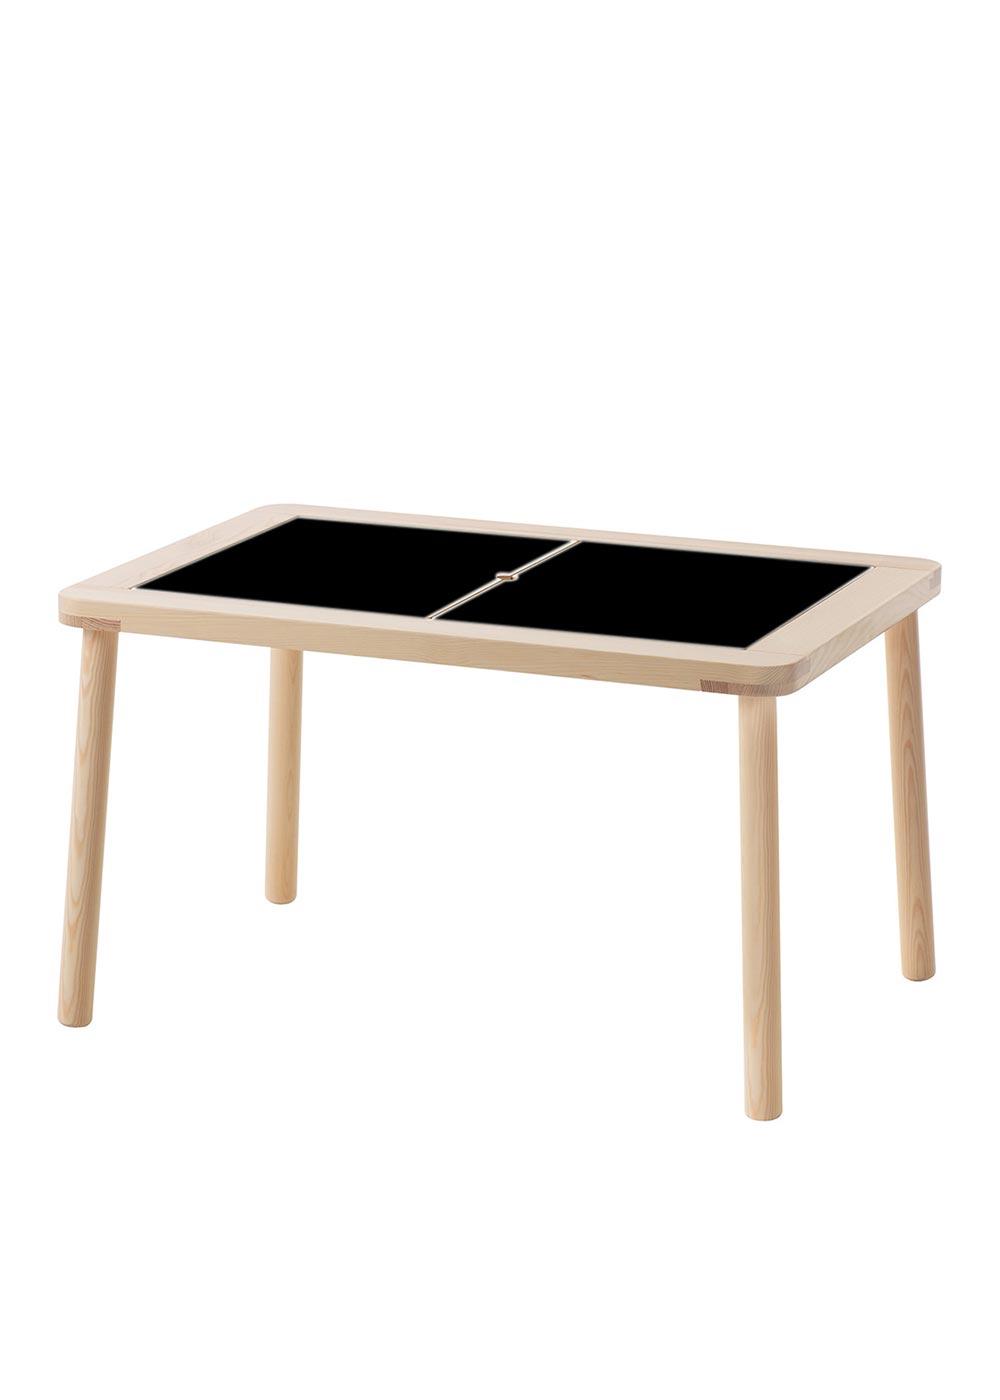 Ikea Flisat Spieltisch Ideenreich Tafelfolie  Gesamtansicht